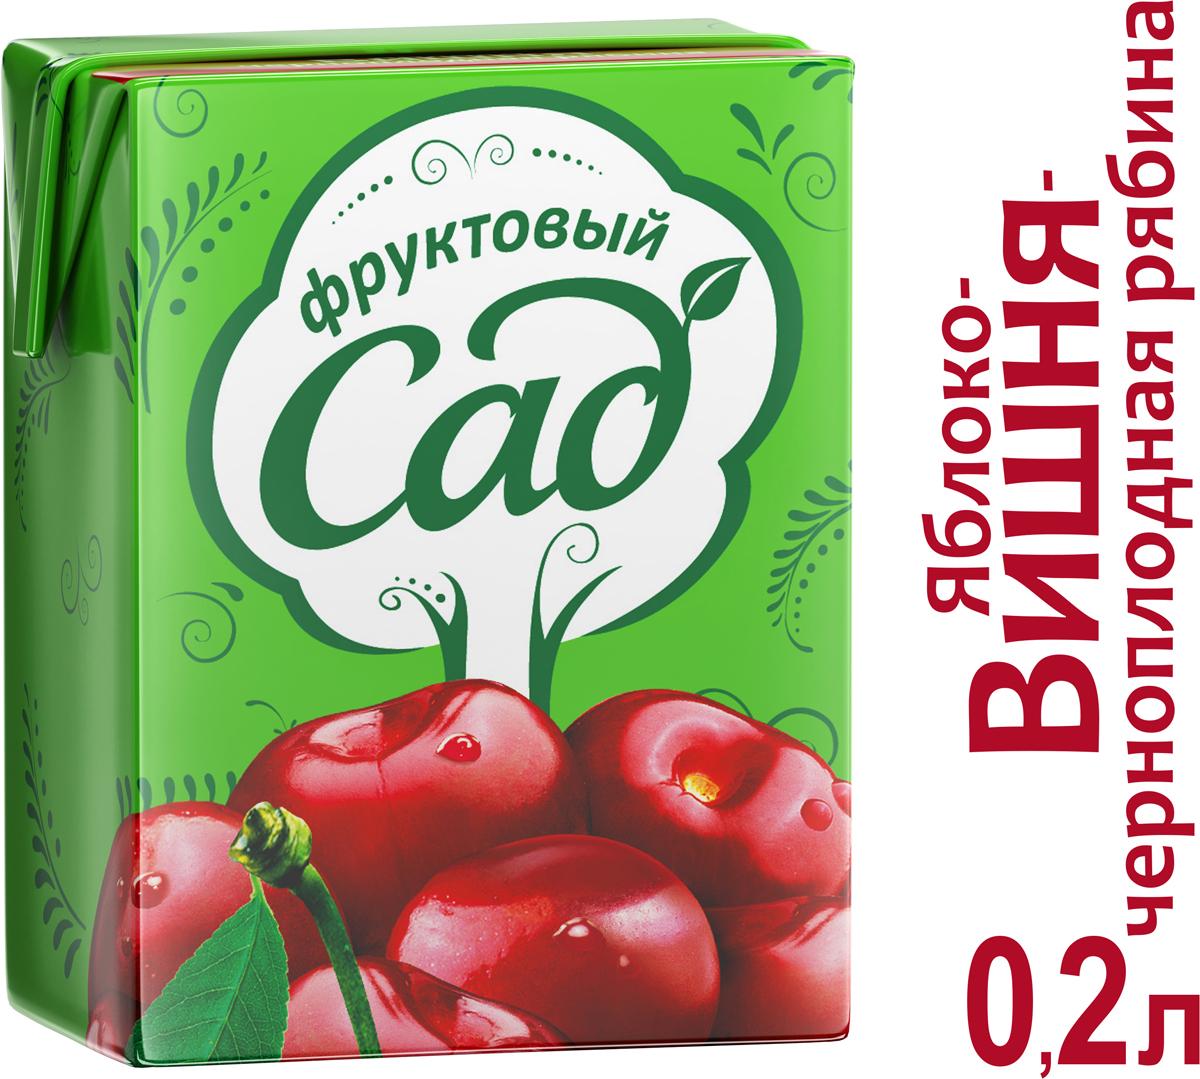 Фруктовый Сад Яблоко-Вишня-Черноплодная рябина нектар осветленный 0,2 л фруктовый сад ягоды морс 0 95 л